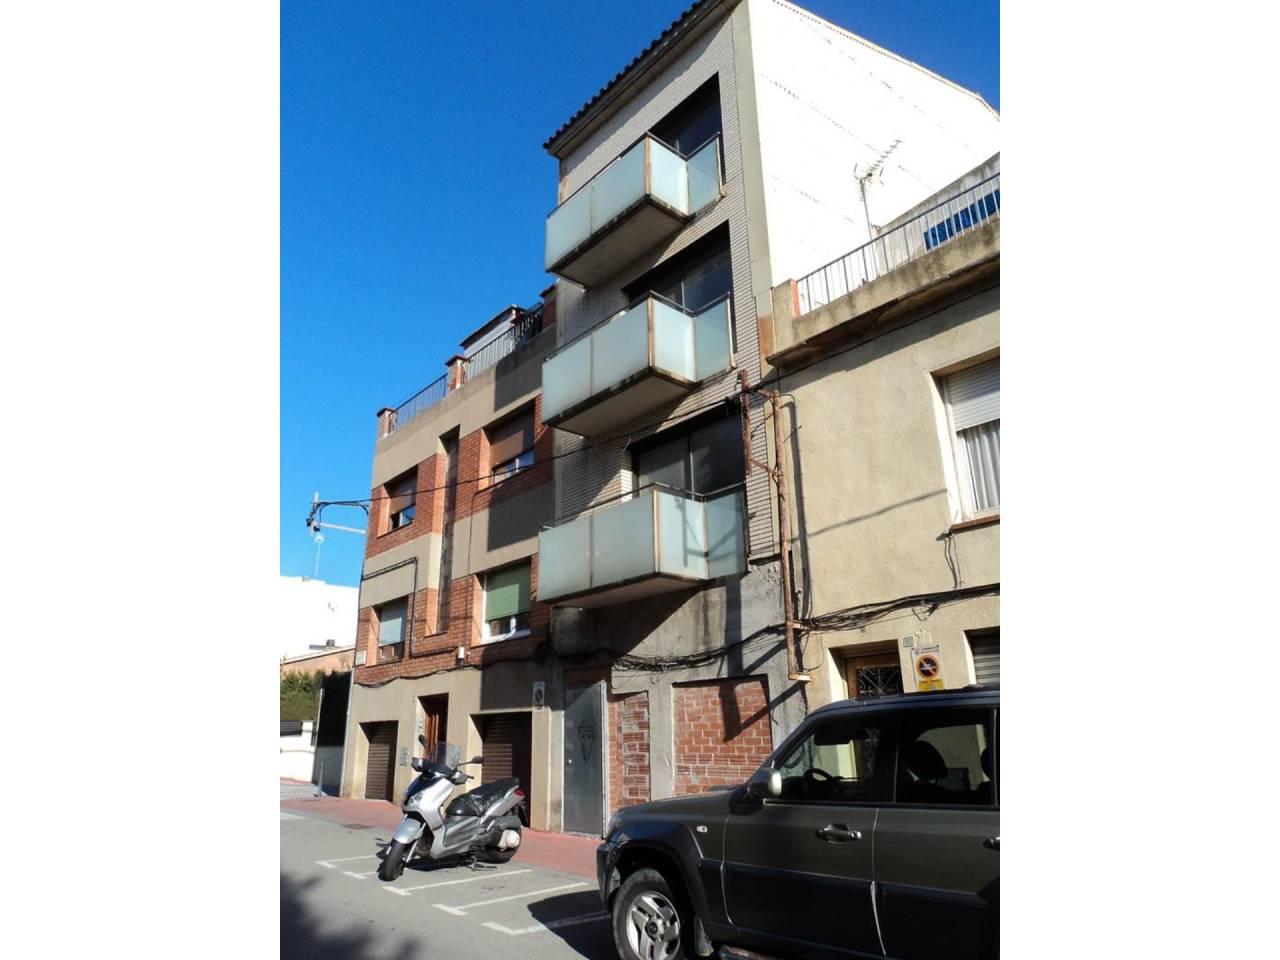 Edificio plurifamiliar de 4 pisos en el centro de Sant Quirze del Vallès